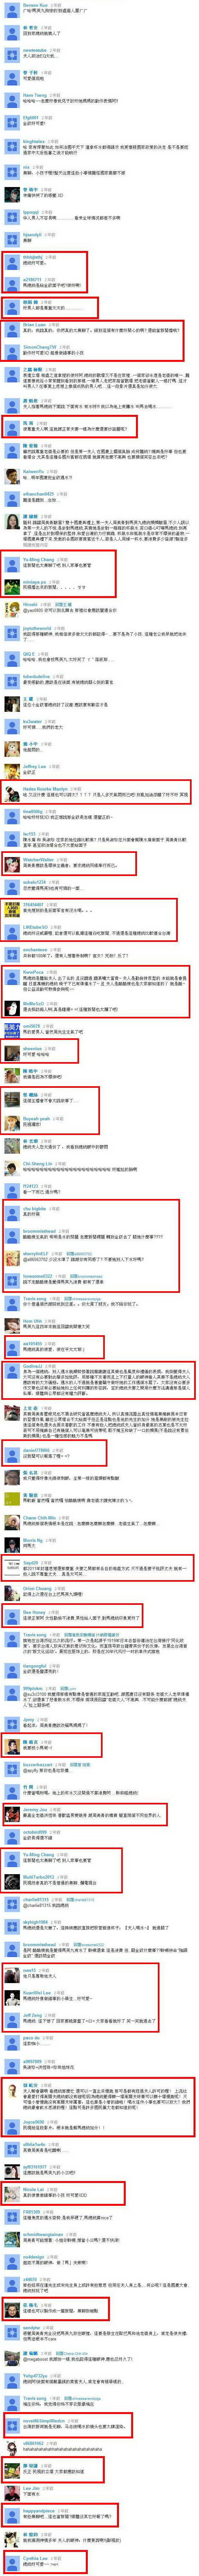 馬接金釵水 周美青回瞪他-民視新聞 .2012.10.19-02.jpg